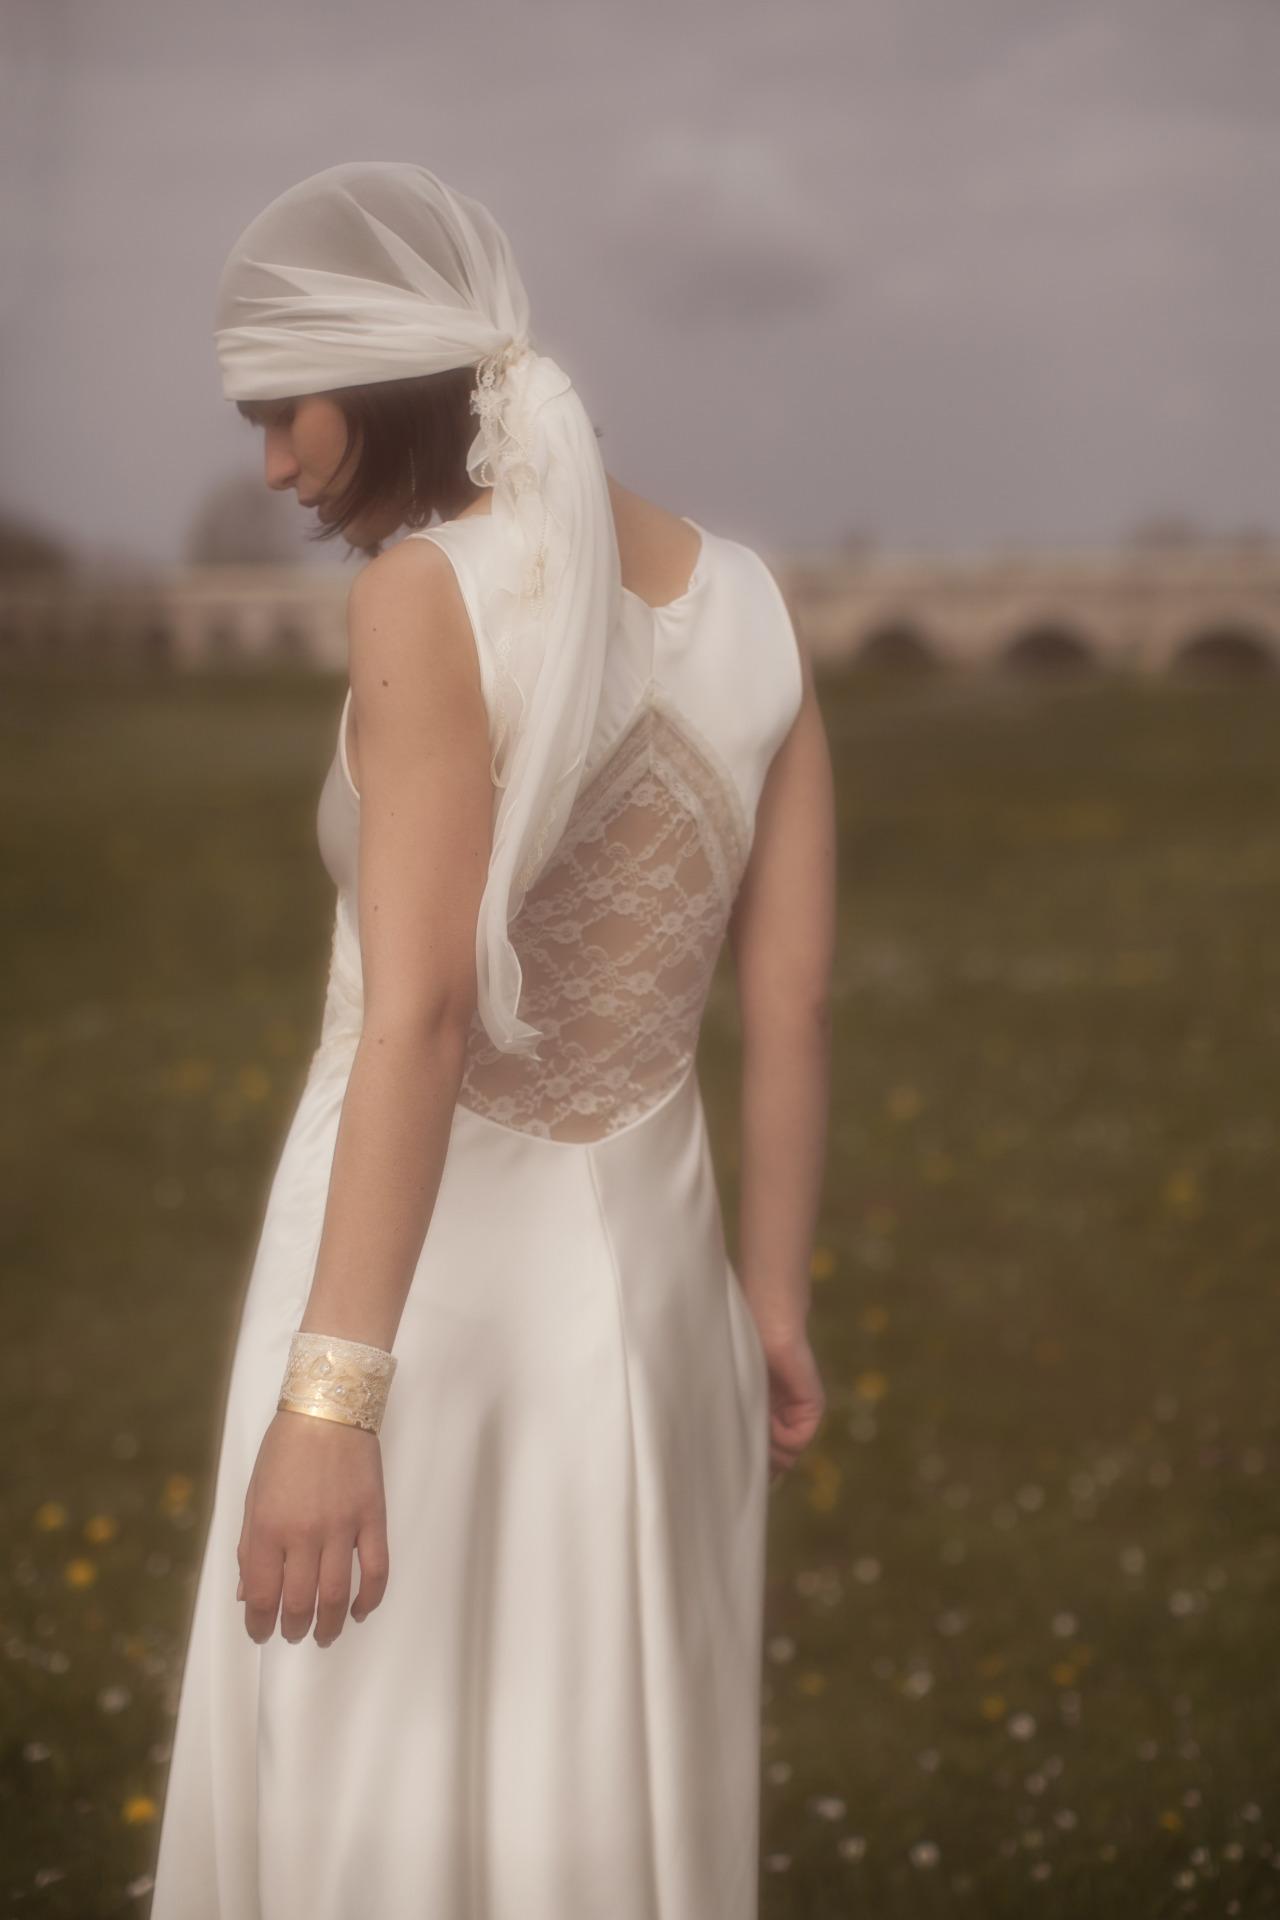 Robes-de-mariée-Elsa-Gary-2016-Collection-les-jolies-filles-Modèle-Janis-02